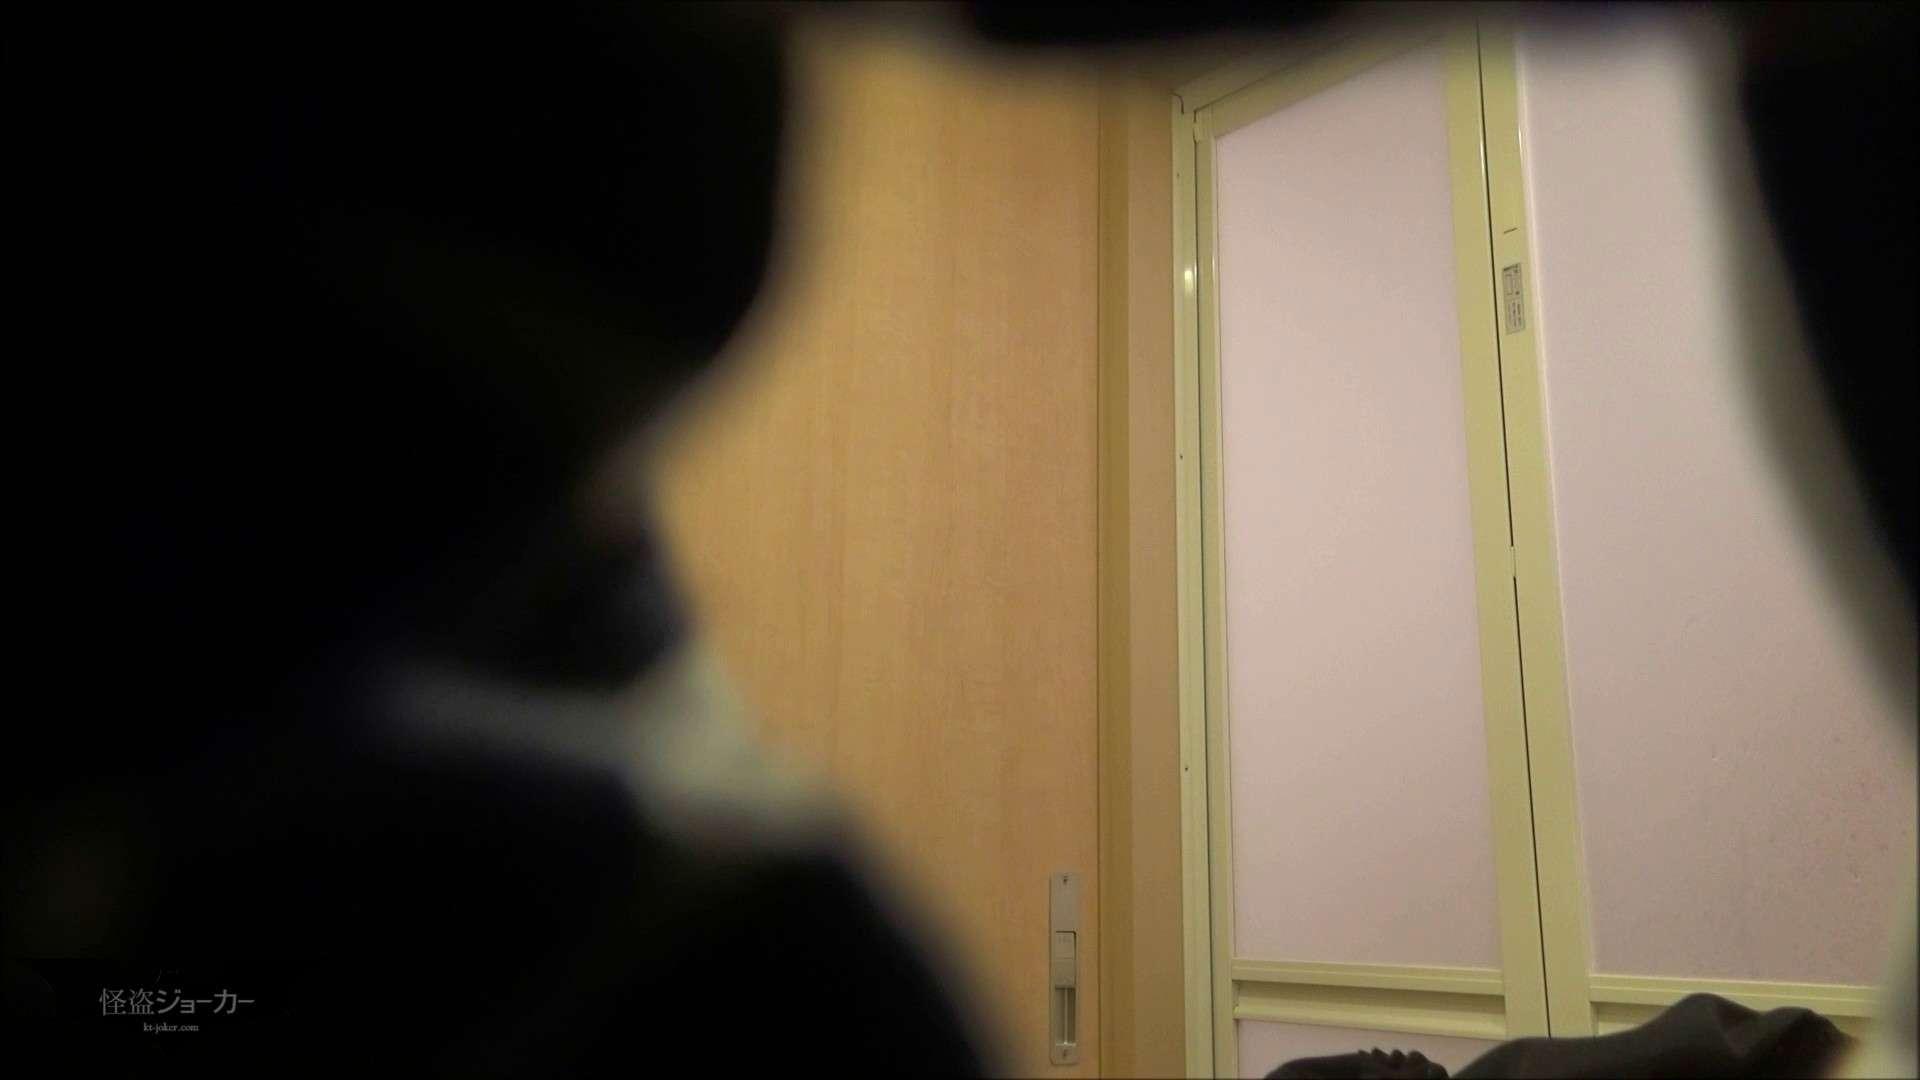 【未公開】vol.105 {爆乳女子と貧乳女子}カナミ&マリ【前編】 爆乳 | 女子大生  49画像 49